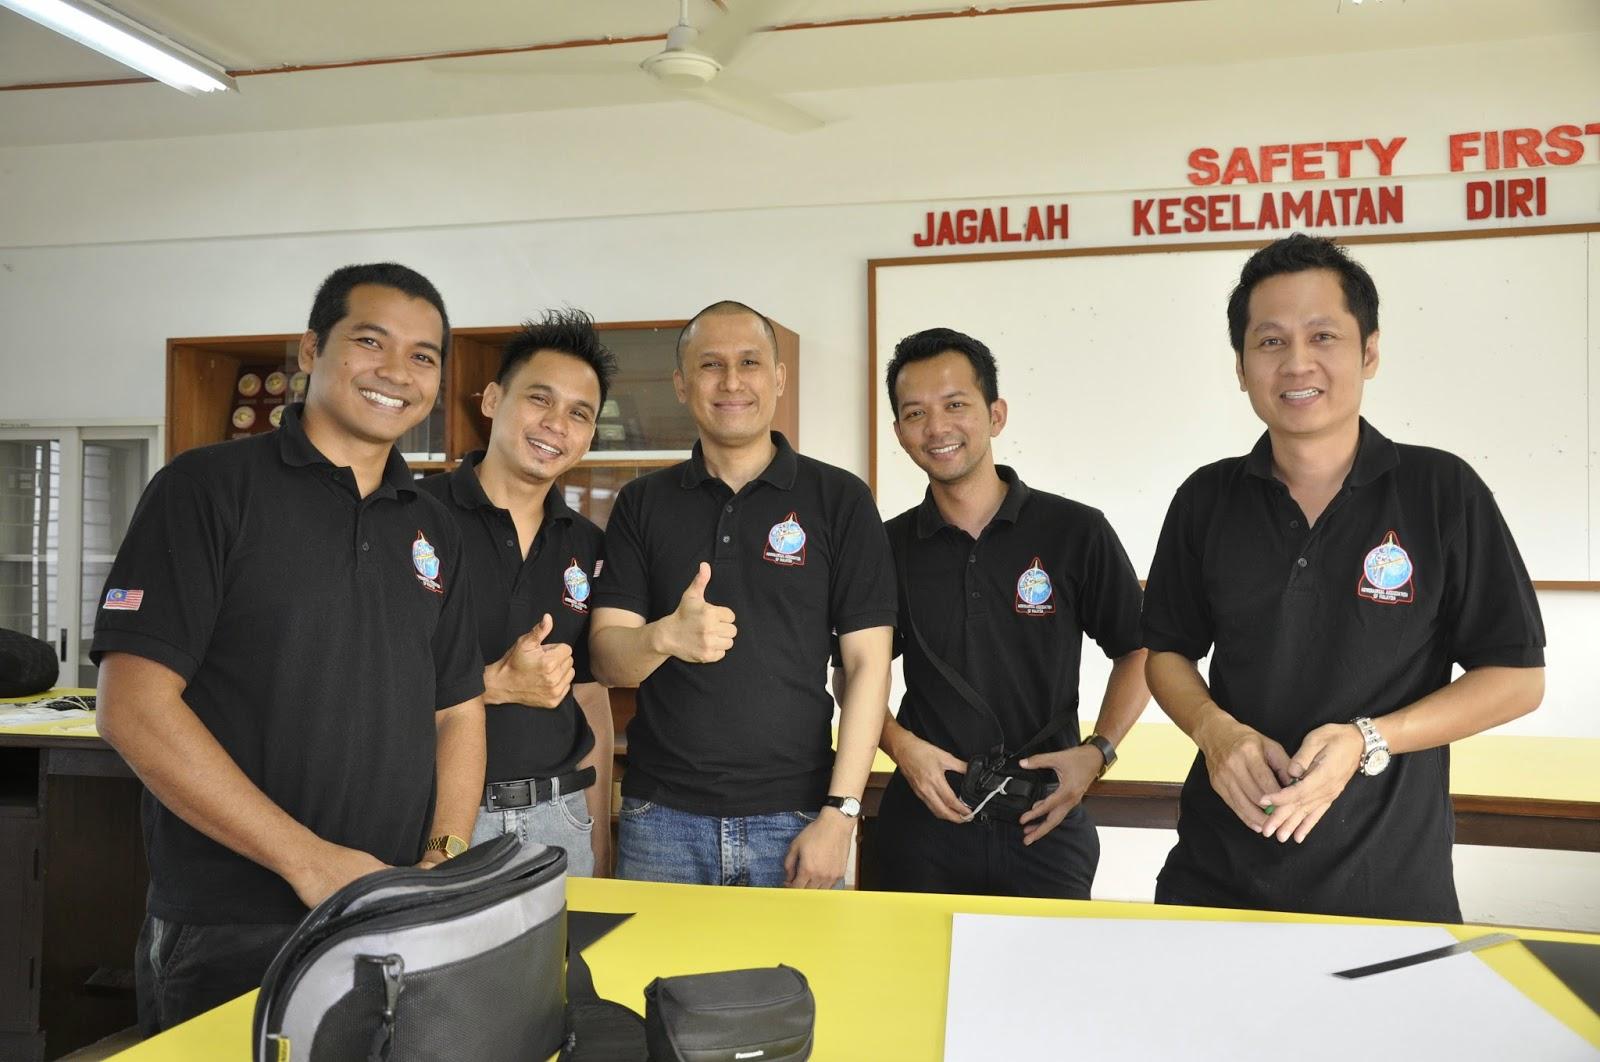 Advanced Rocketry in Negeri Sembilan